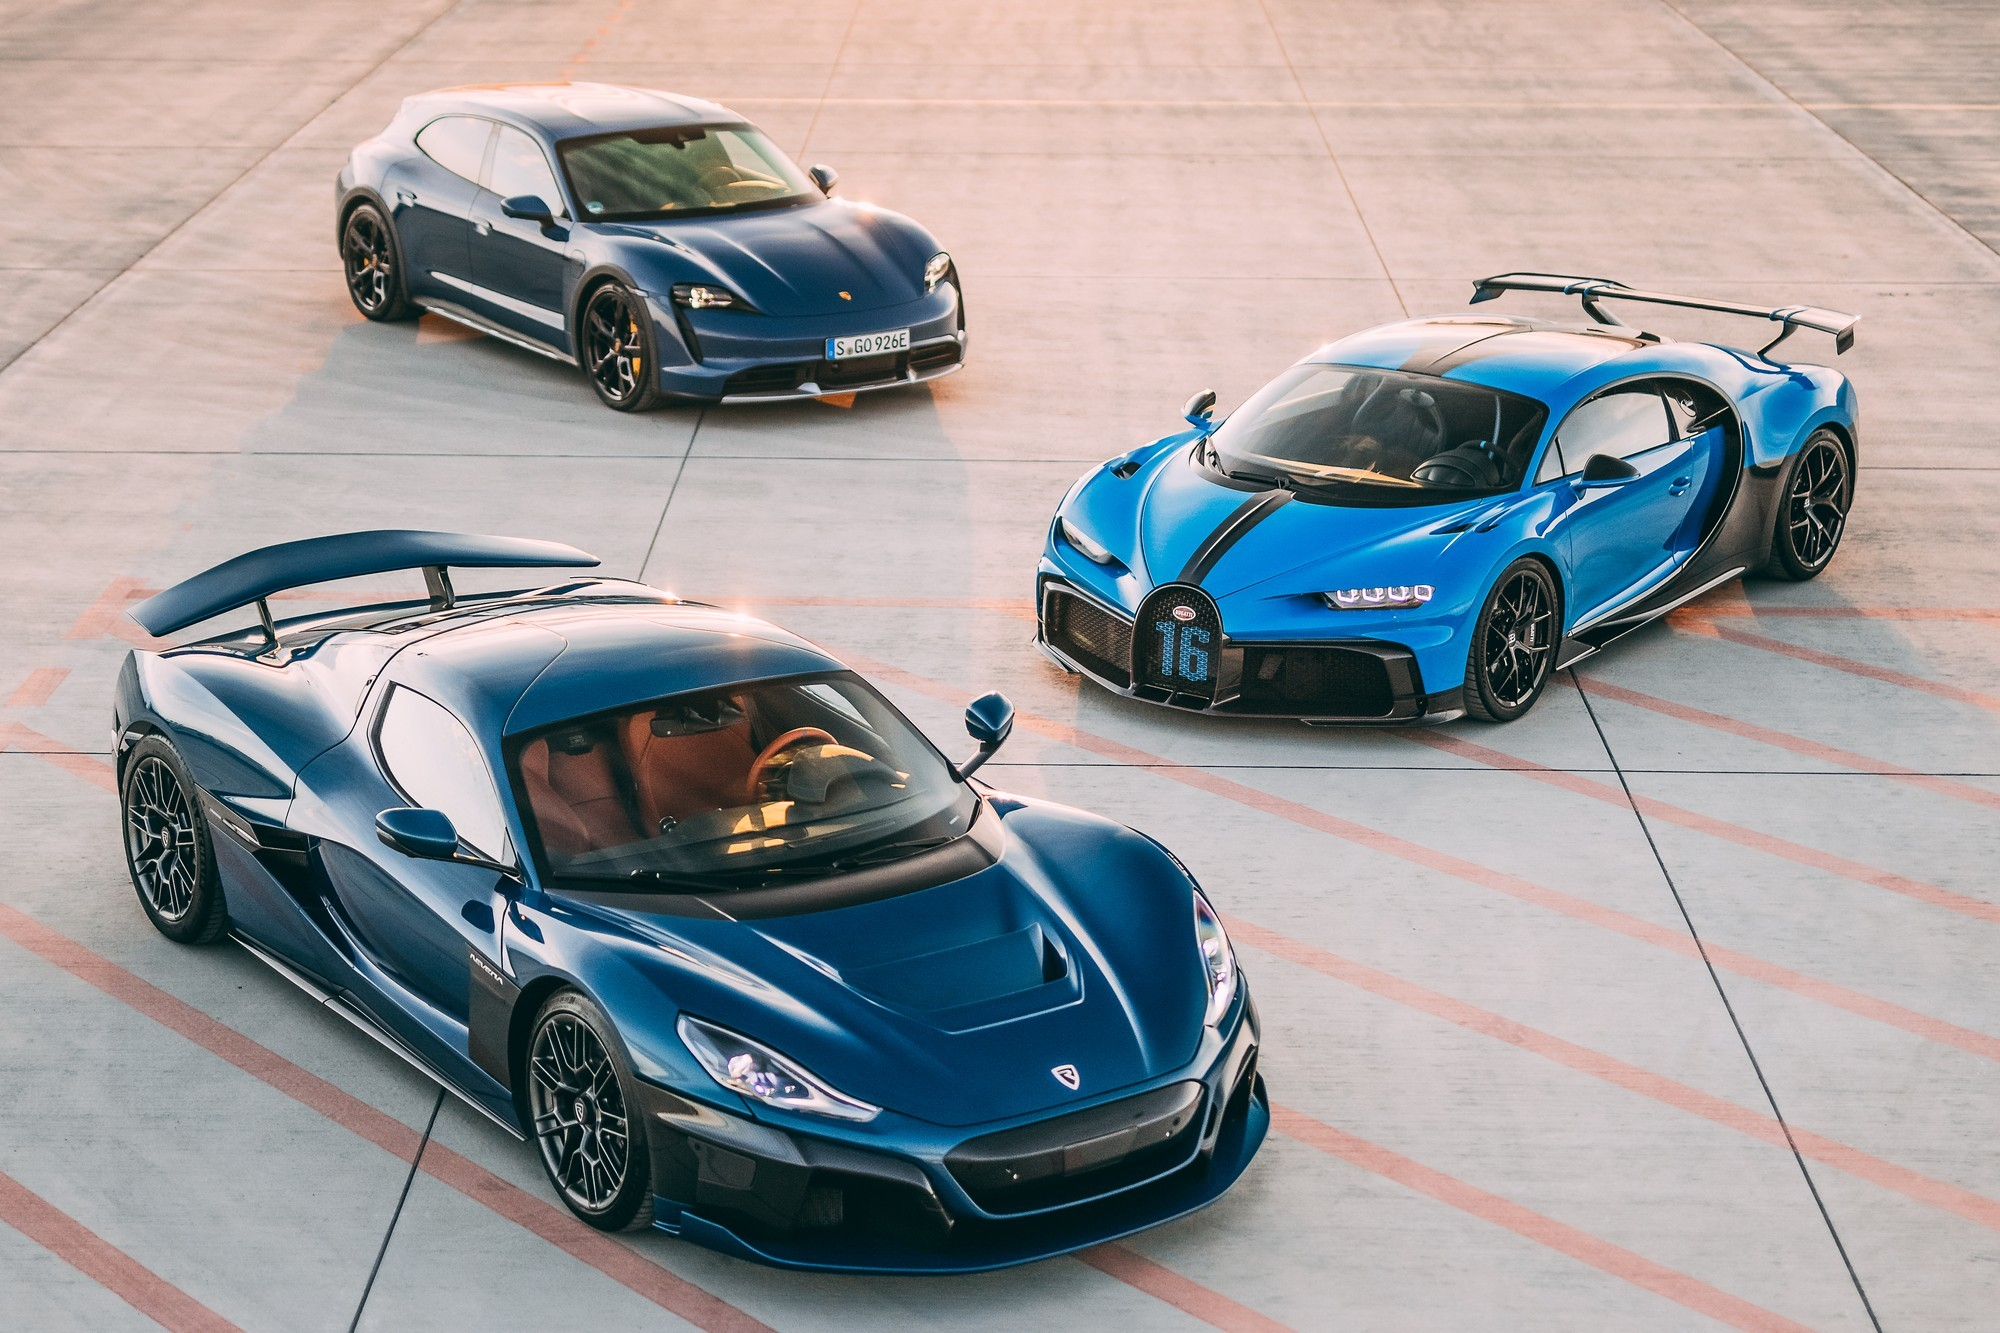 Слияние Bugatti и Rimac: хорваты рулят, Porsche помогает, а какова роль Hyundai?